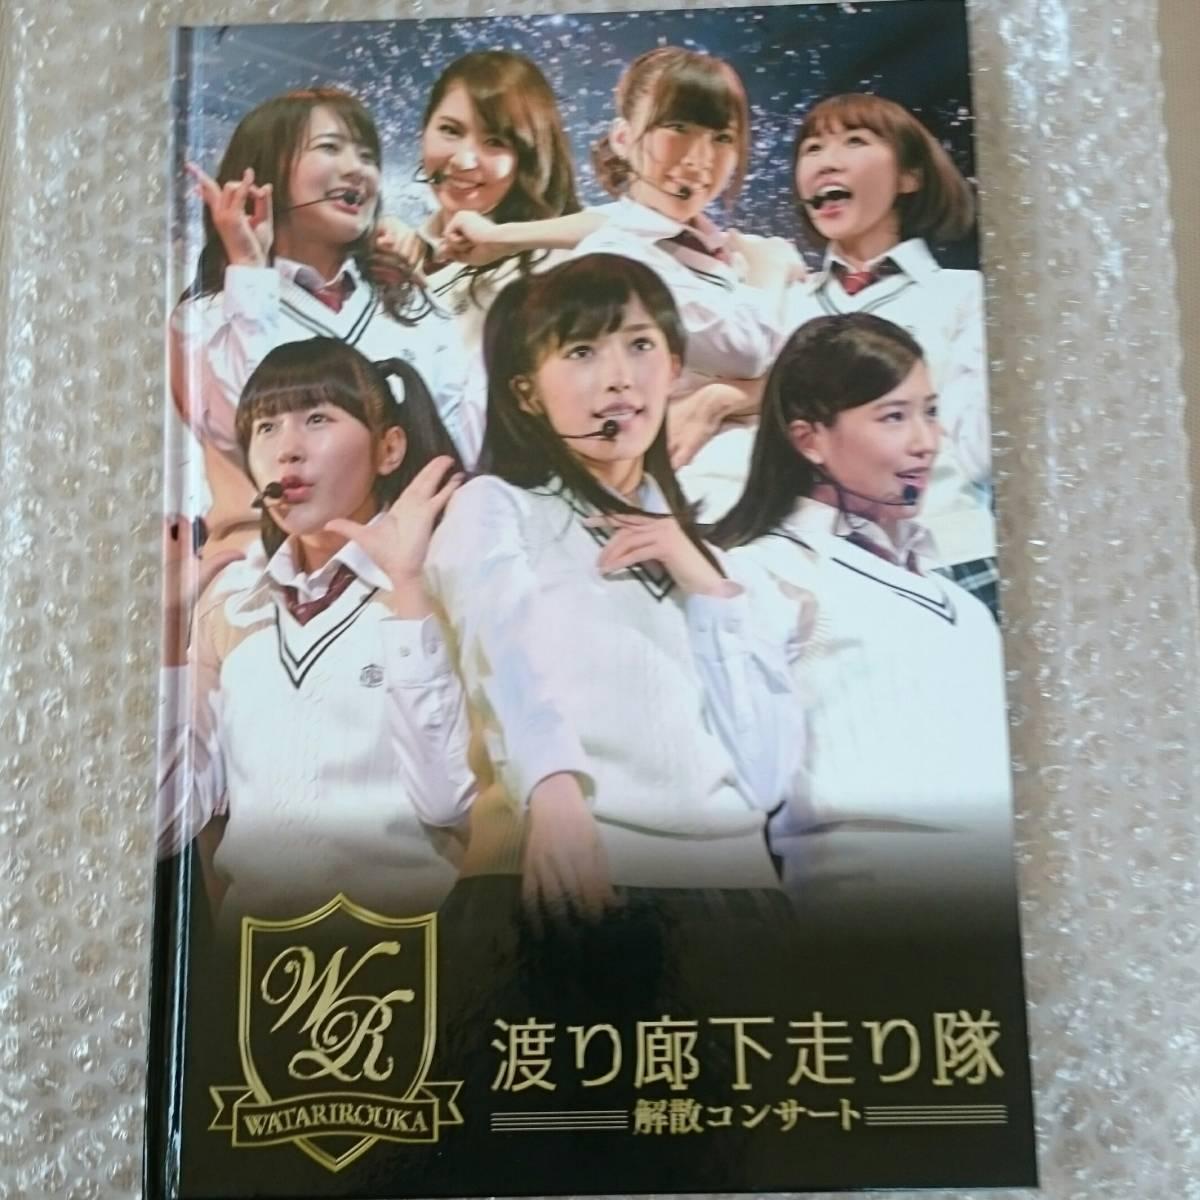 渡辺麻友 渡り廊下走り隊解散コンサート写真集 AKB 中古 ライブグッズの画像